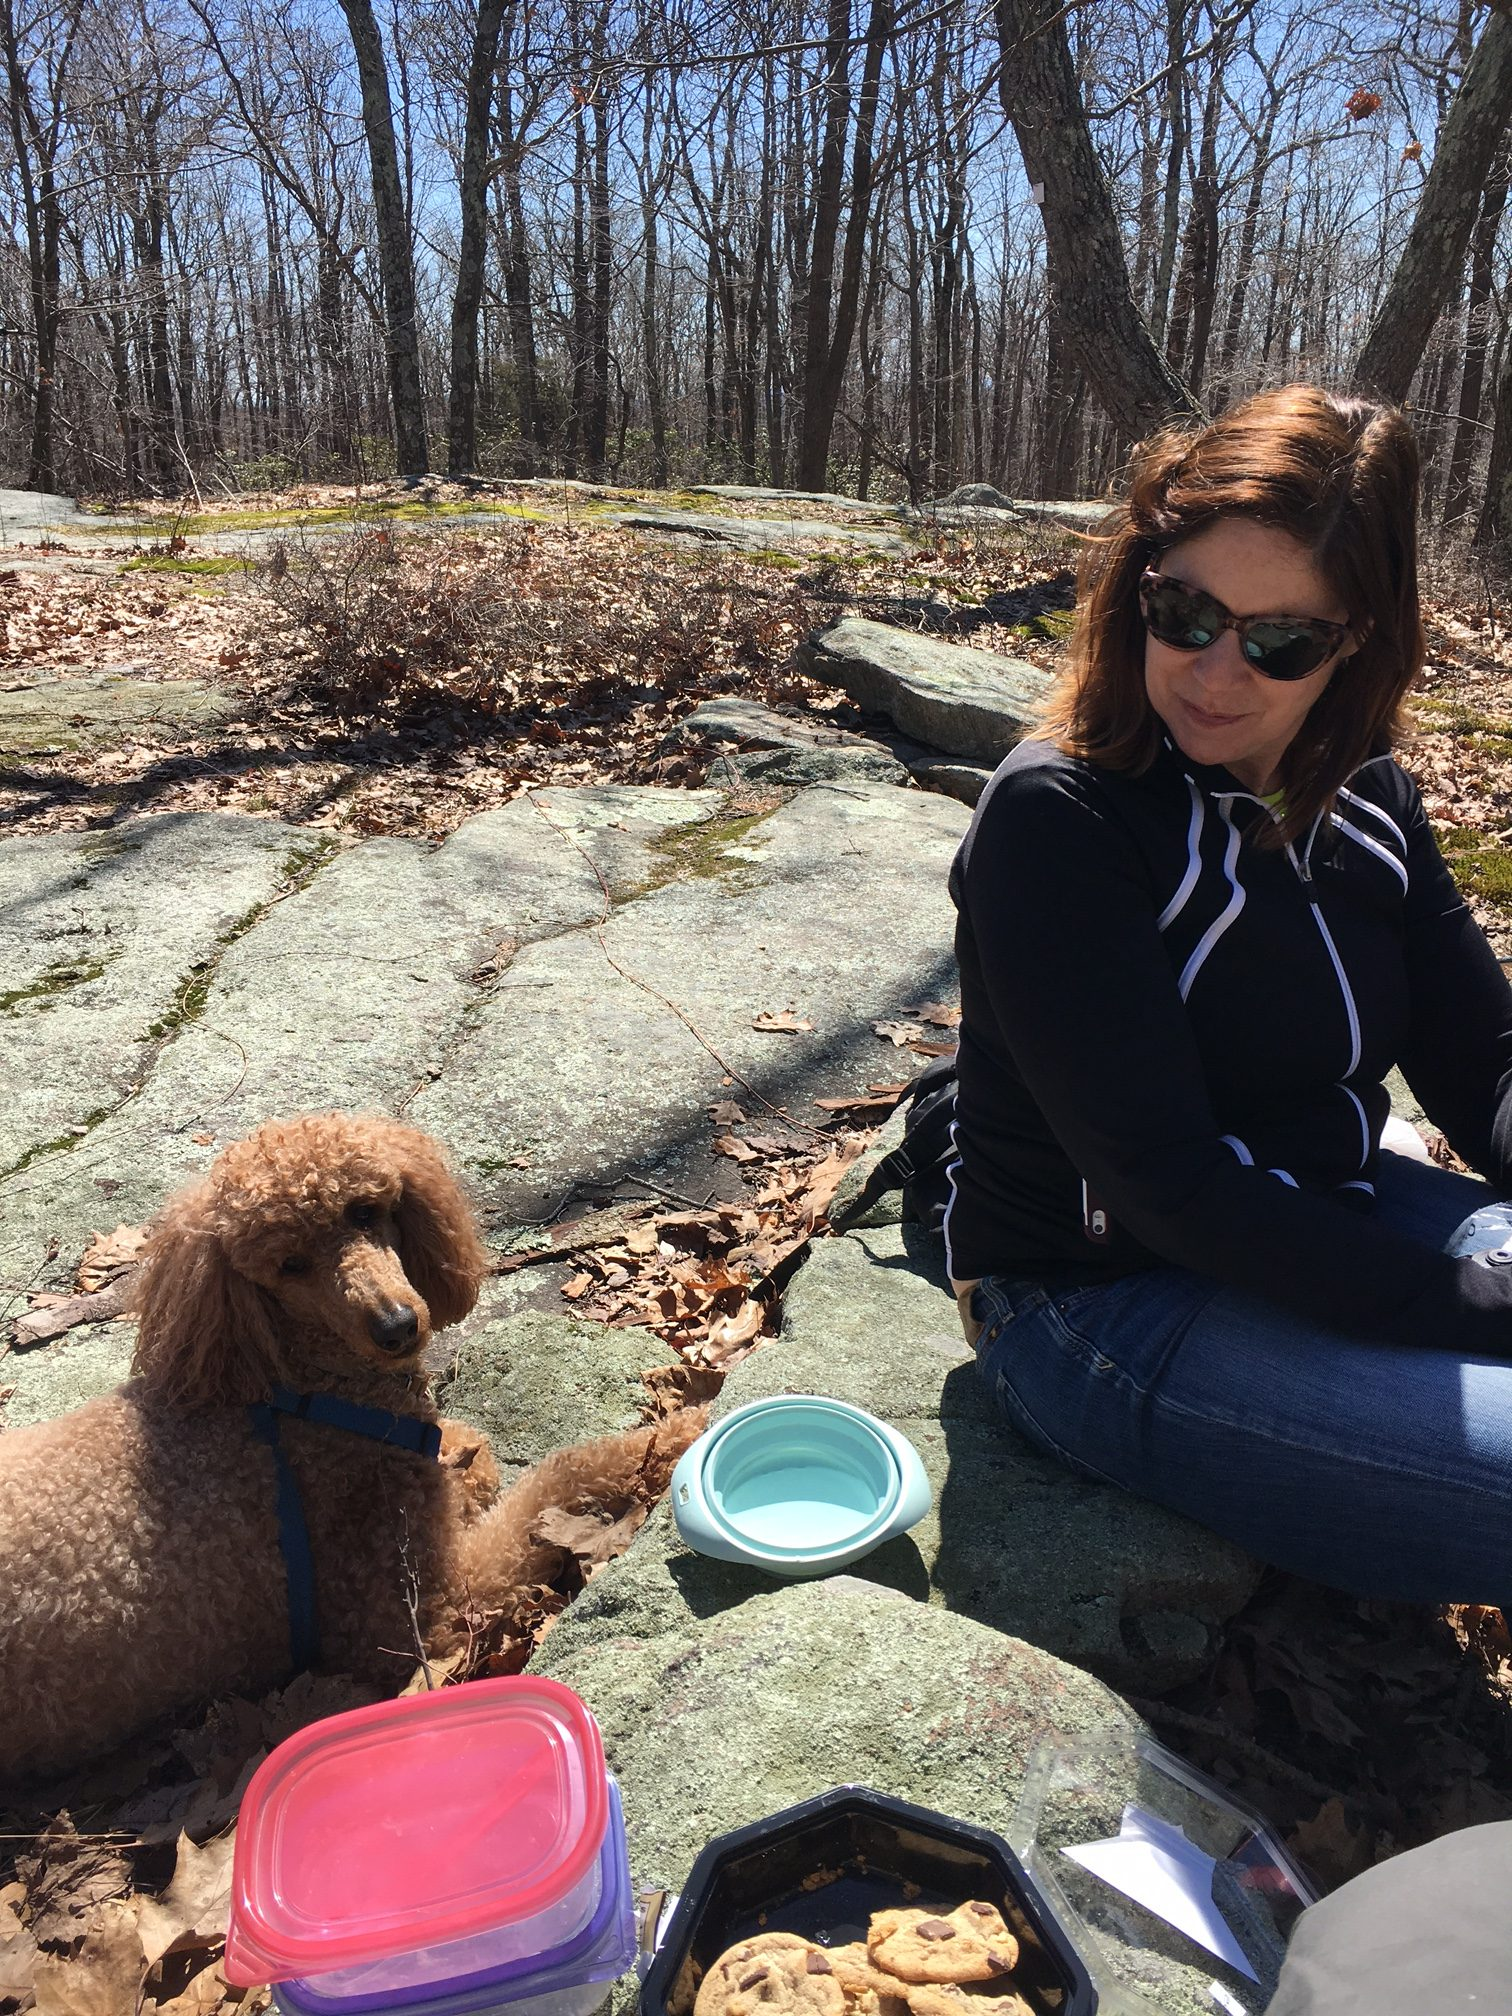 Maureen, Adventurer and intrepid New Yorker, Manhattan